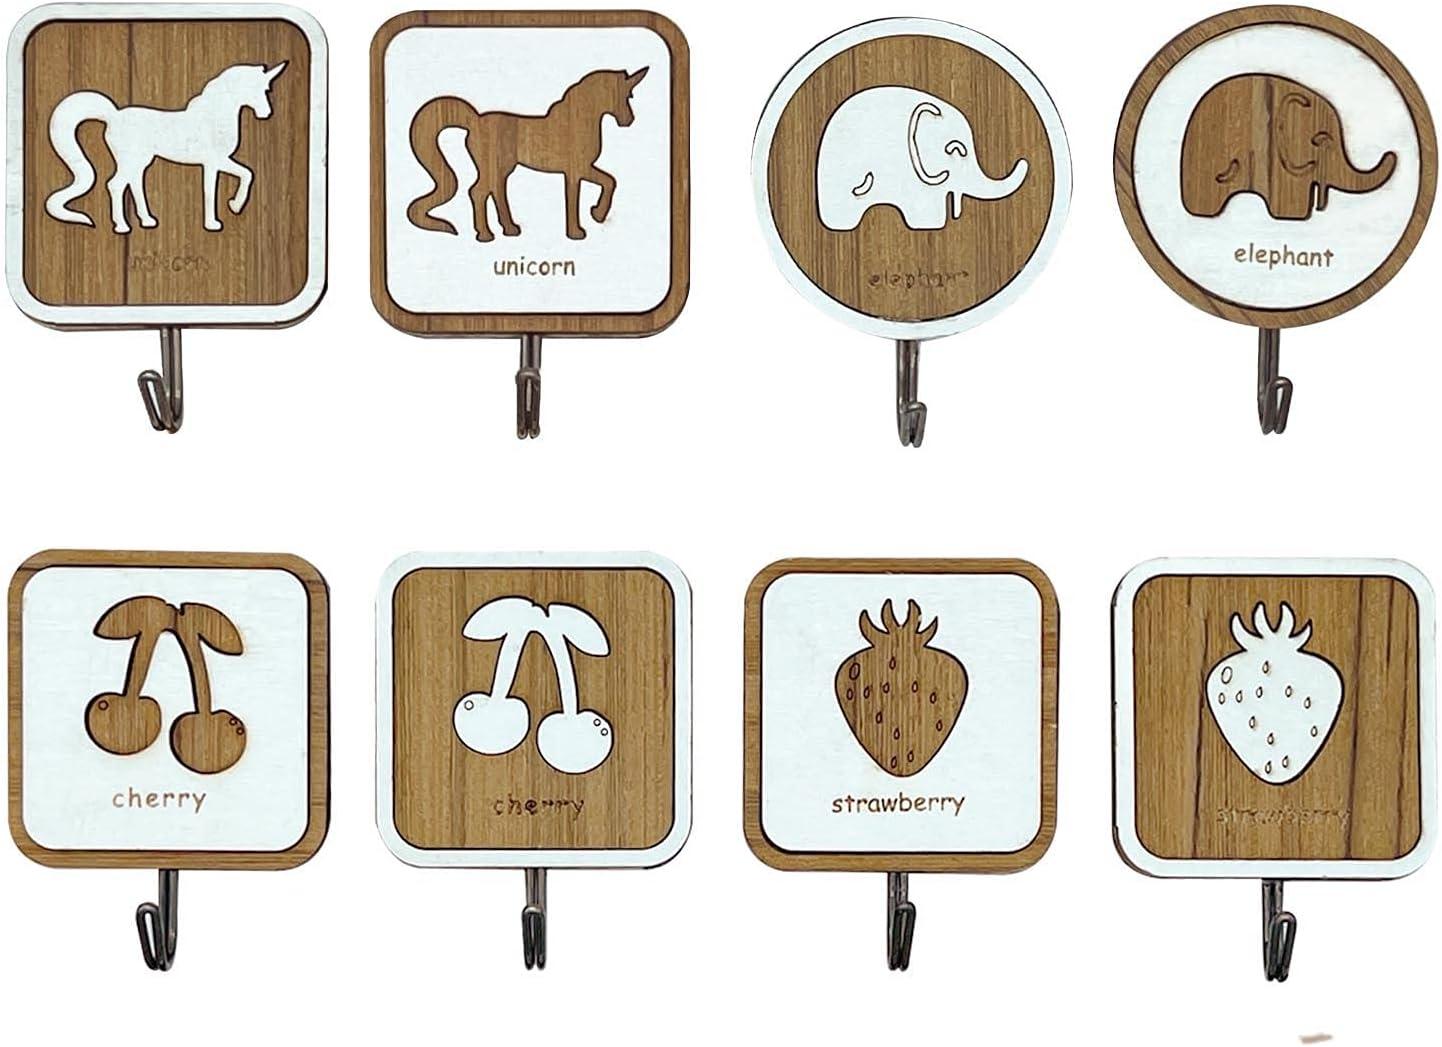 Ganchos adhesivos de pared de madera, juego de 8 colgadores para toallas, trapos, albornoces, llaves y bolsos, para pared y puertas de cocina, baño y dormitorio (juego 1)